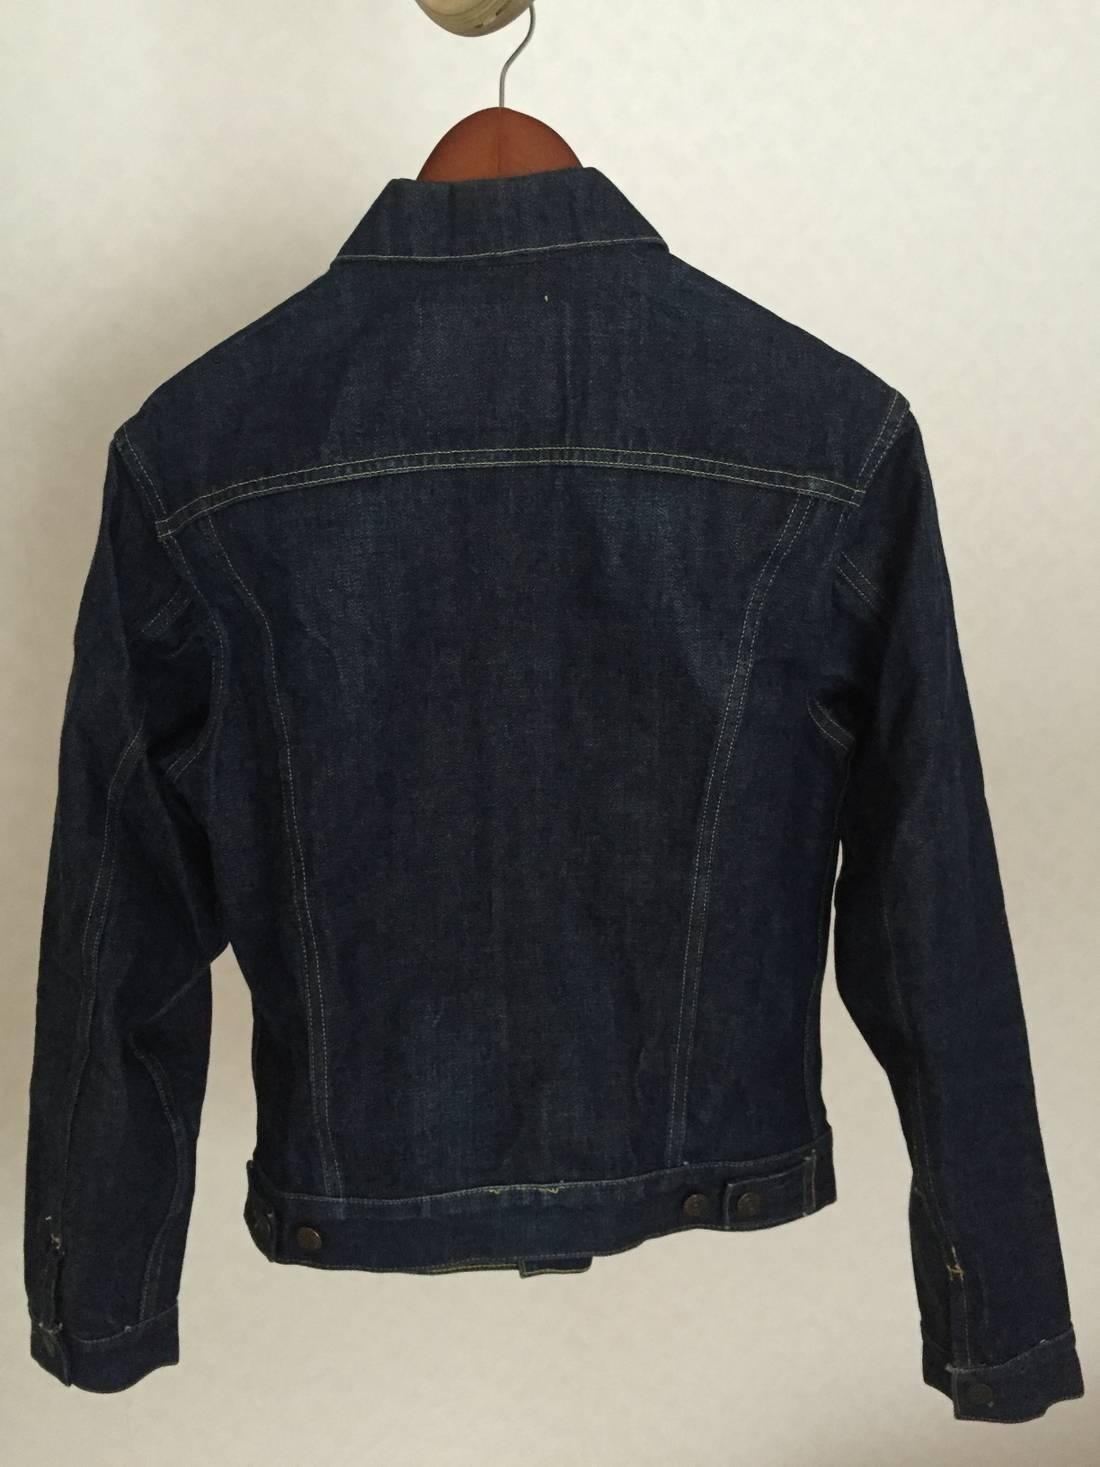 DENIME JAPAN Bomber Jacket Medium Vintage 90's Denime Jeans Single Breasted Trench Coat Warmest Jacket Parka Hoodie Olive Green Size M